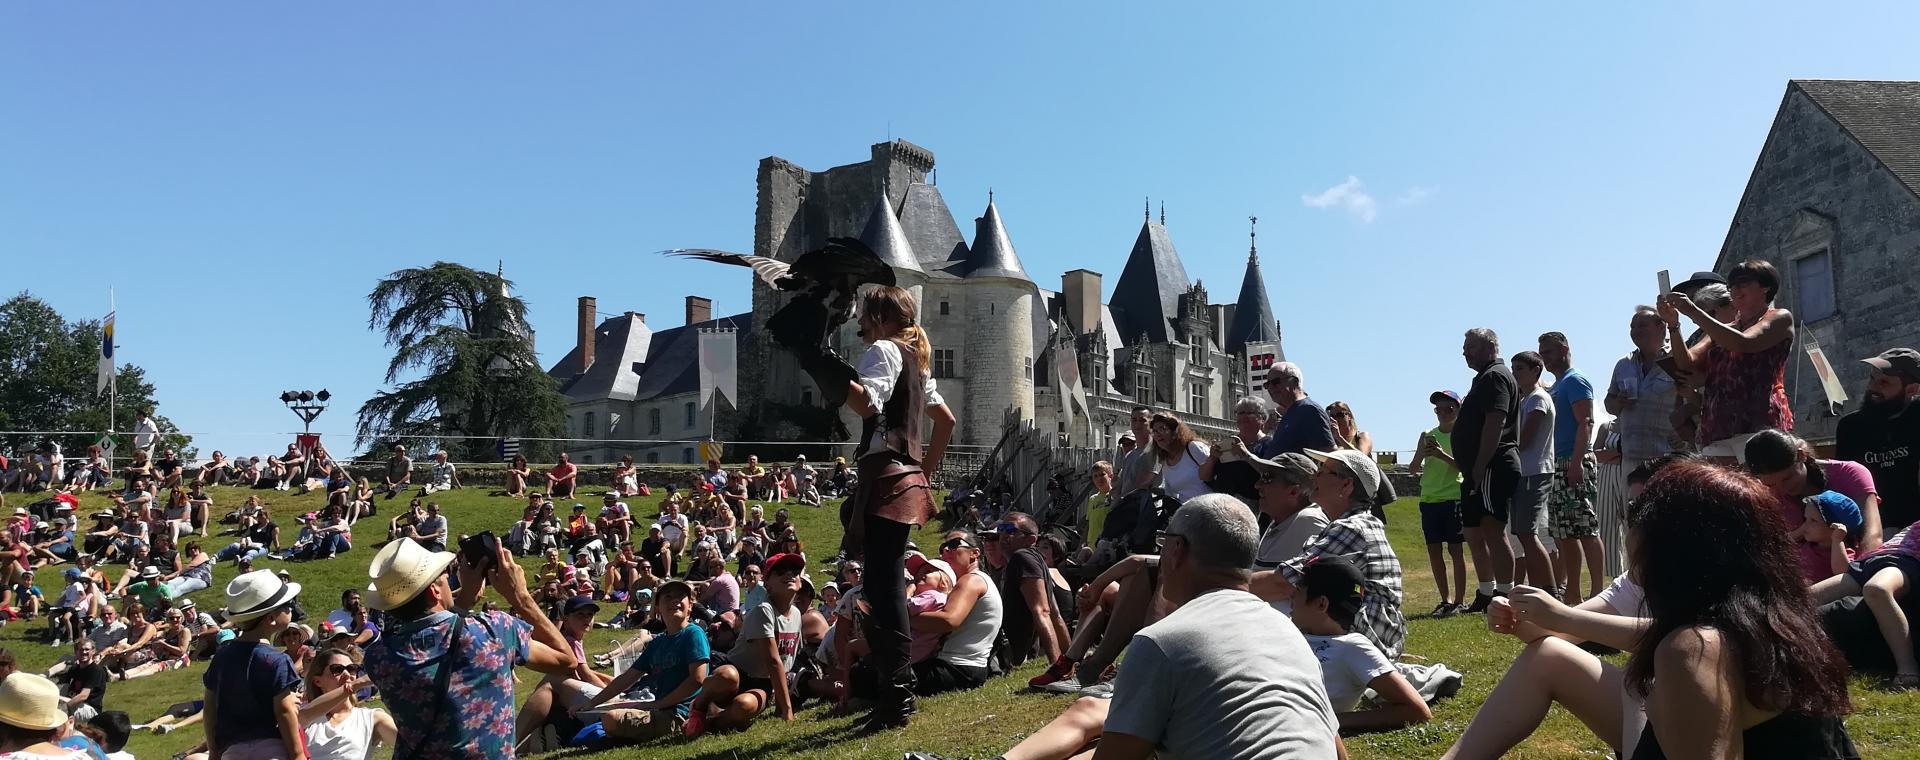 Fête médiévale La Roche à Foucauld